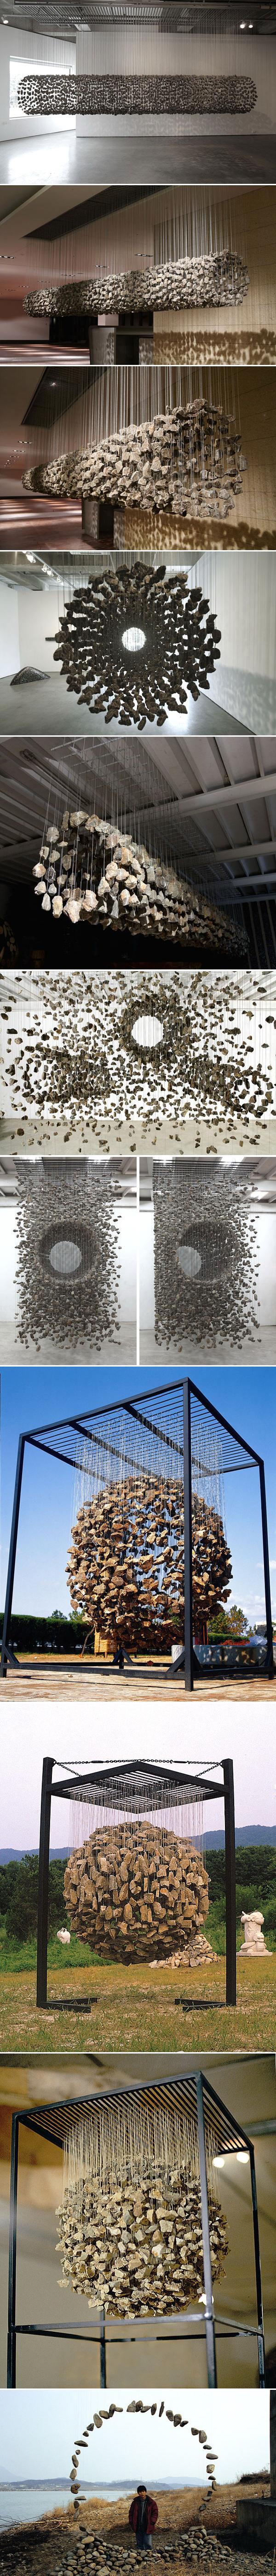 Управление природными материалами в исталляции «Летающие камни»